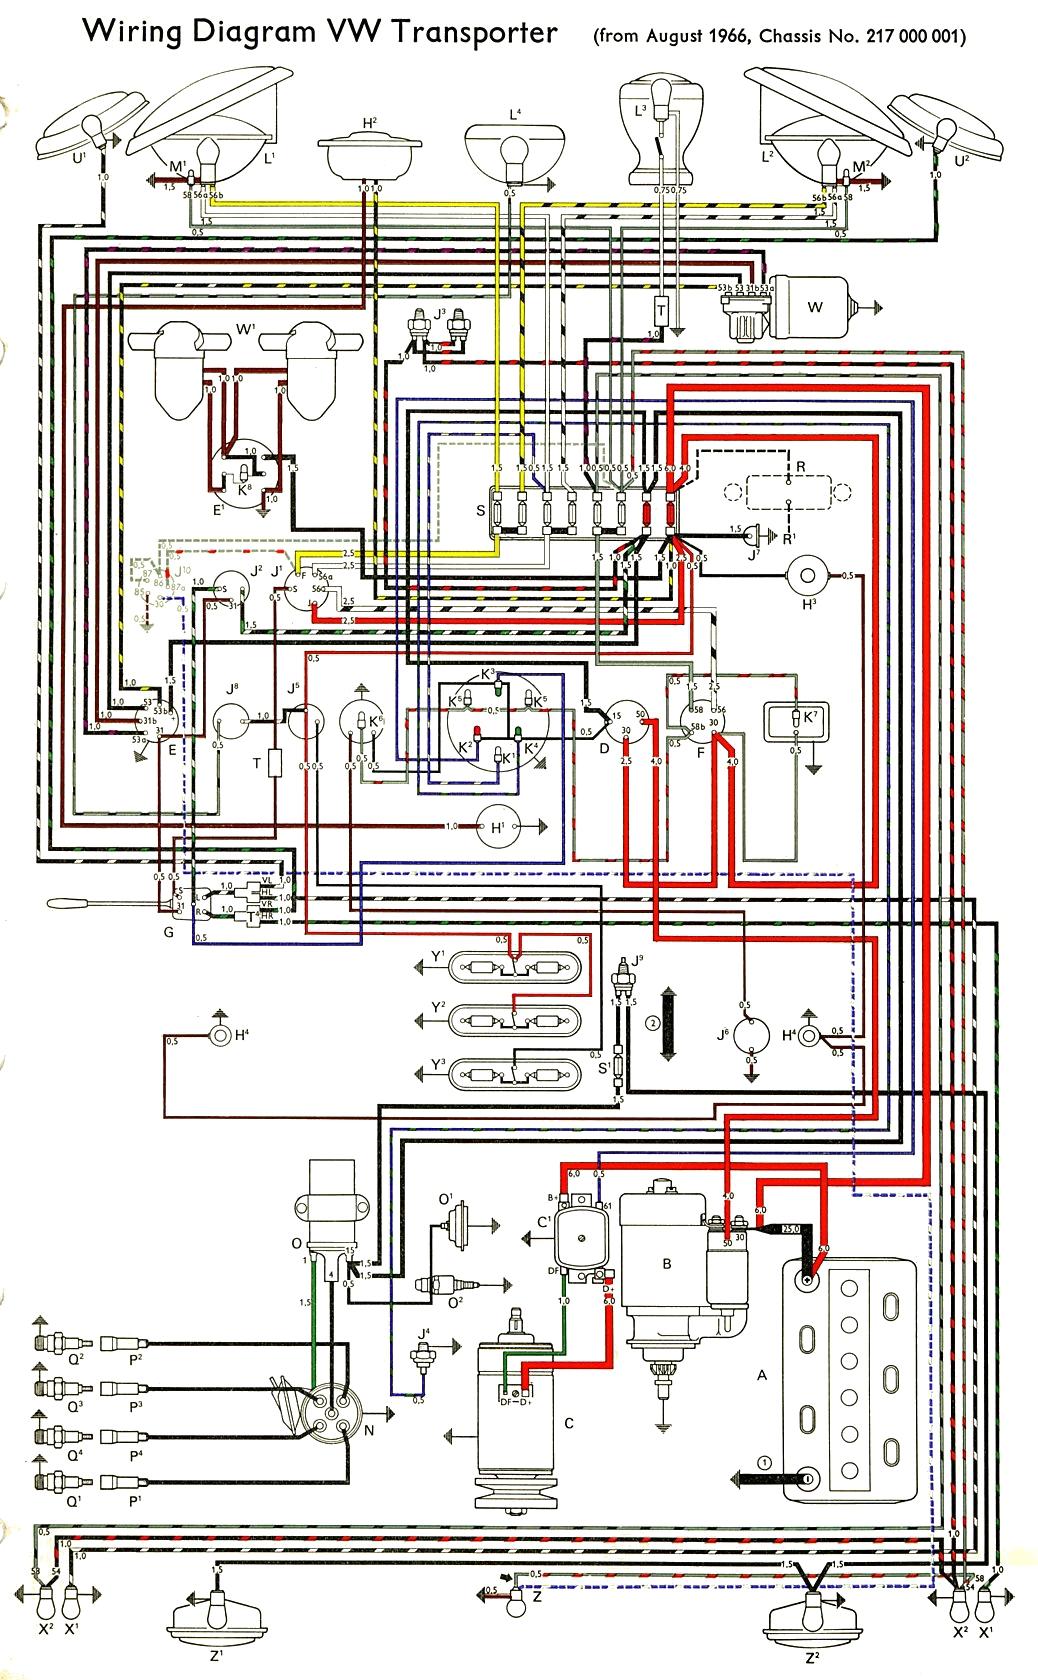 Interesting Netapp Wiring Diagram Ideas - Best Image Schematics ...